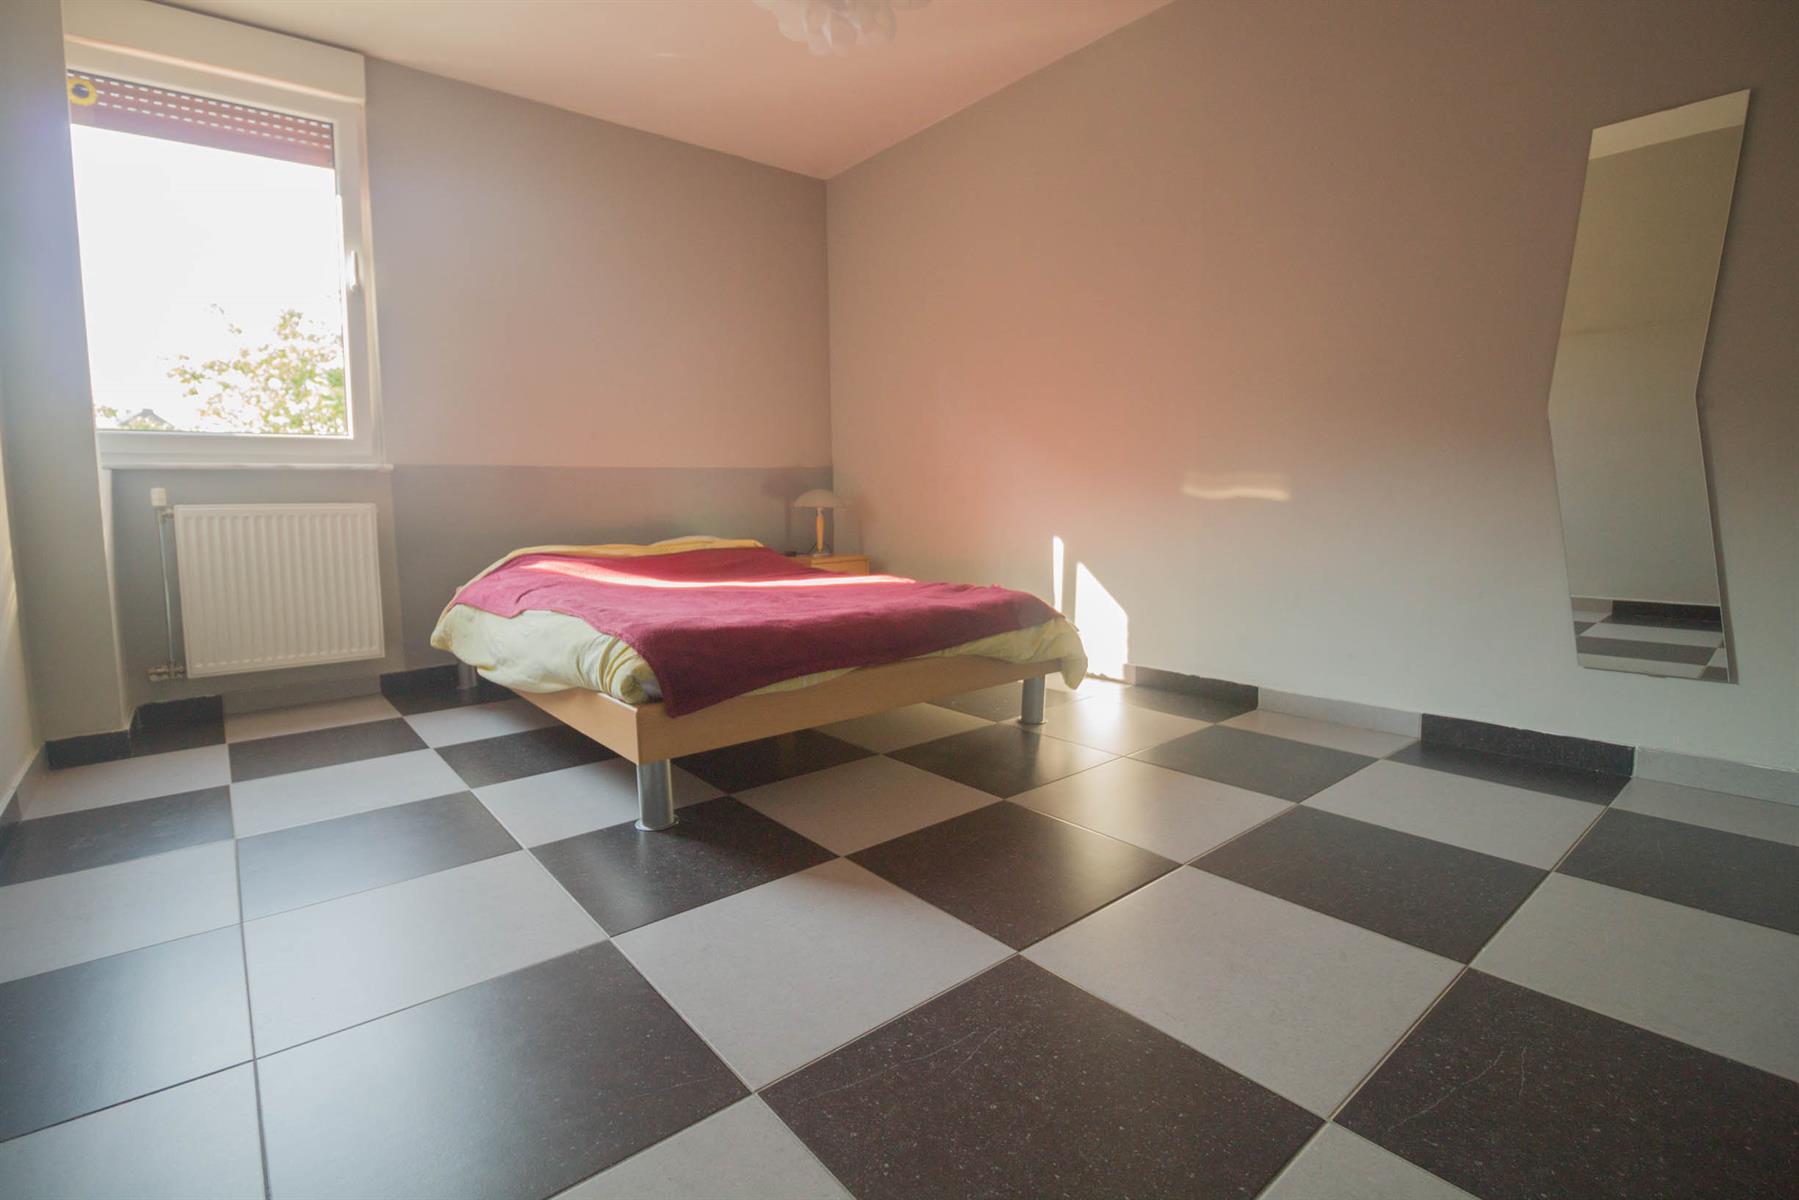 Maison - Forchies-la-Marche - #4397250-11